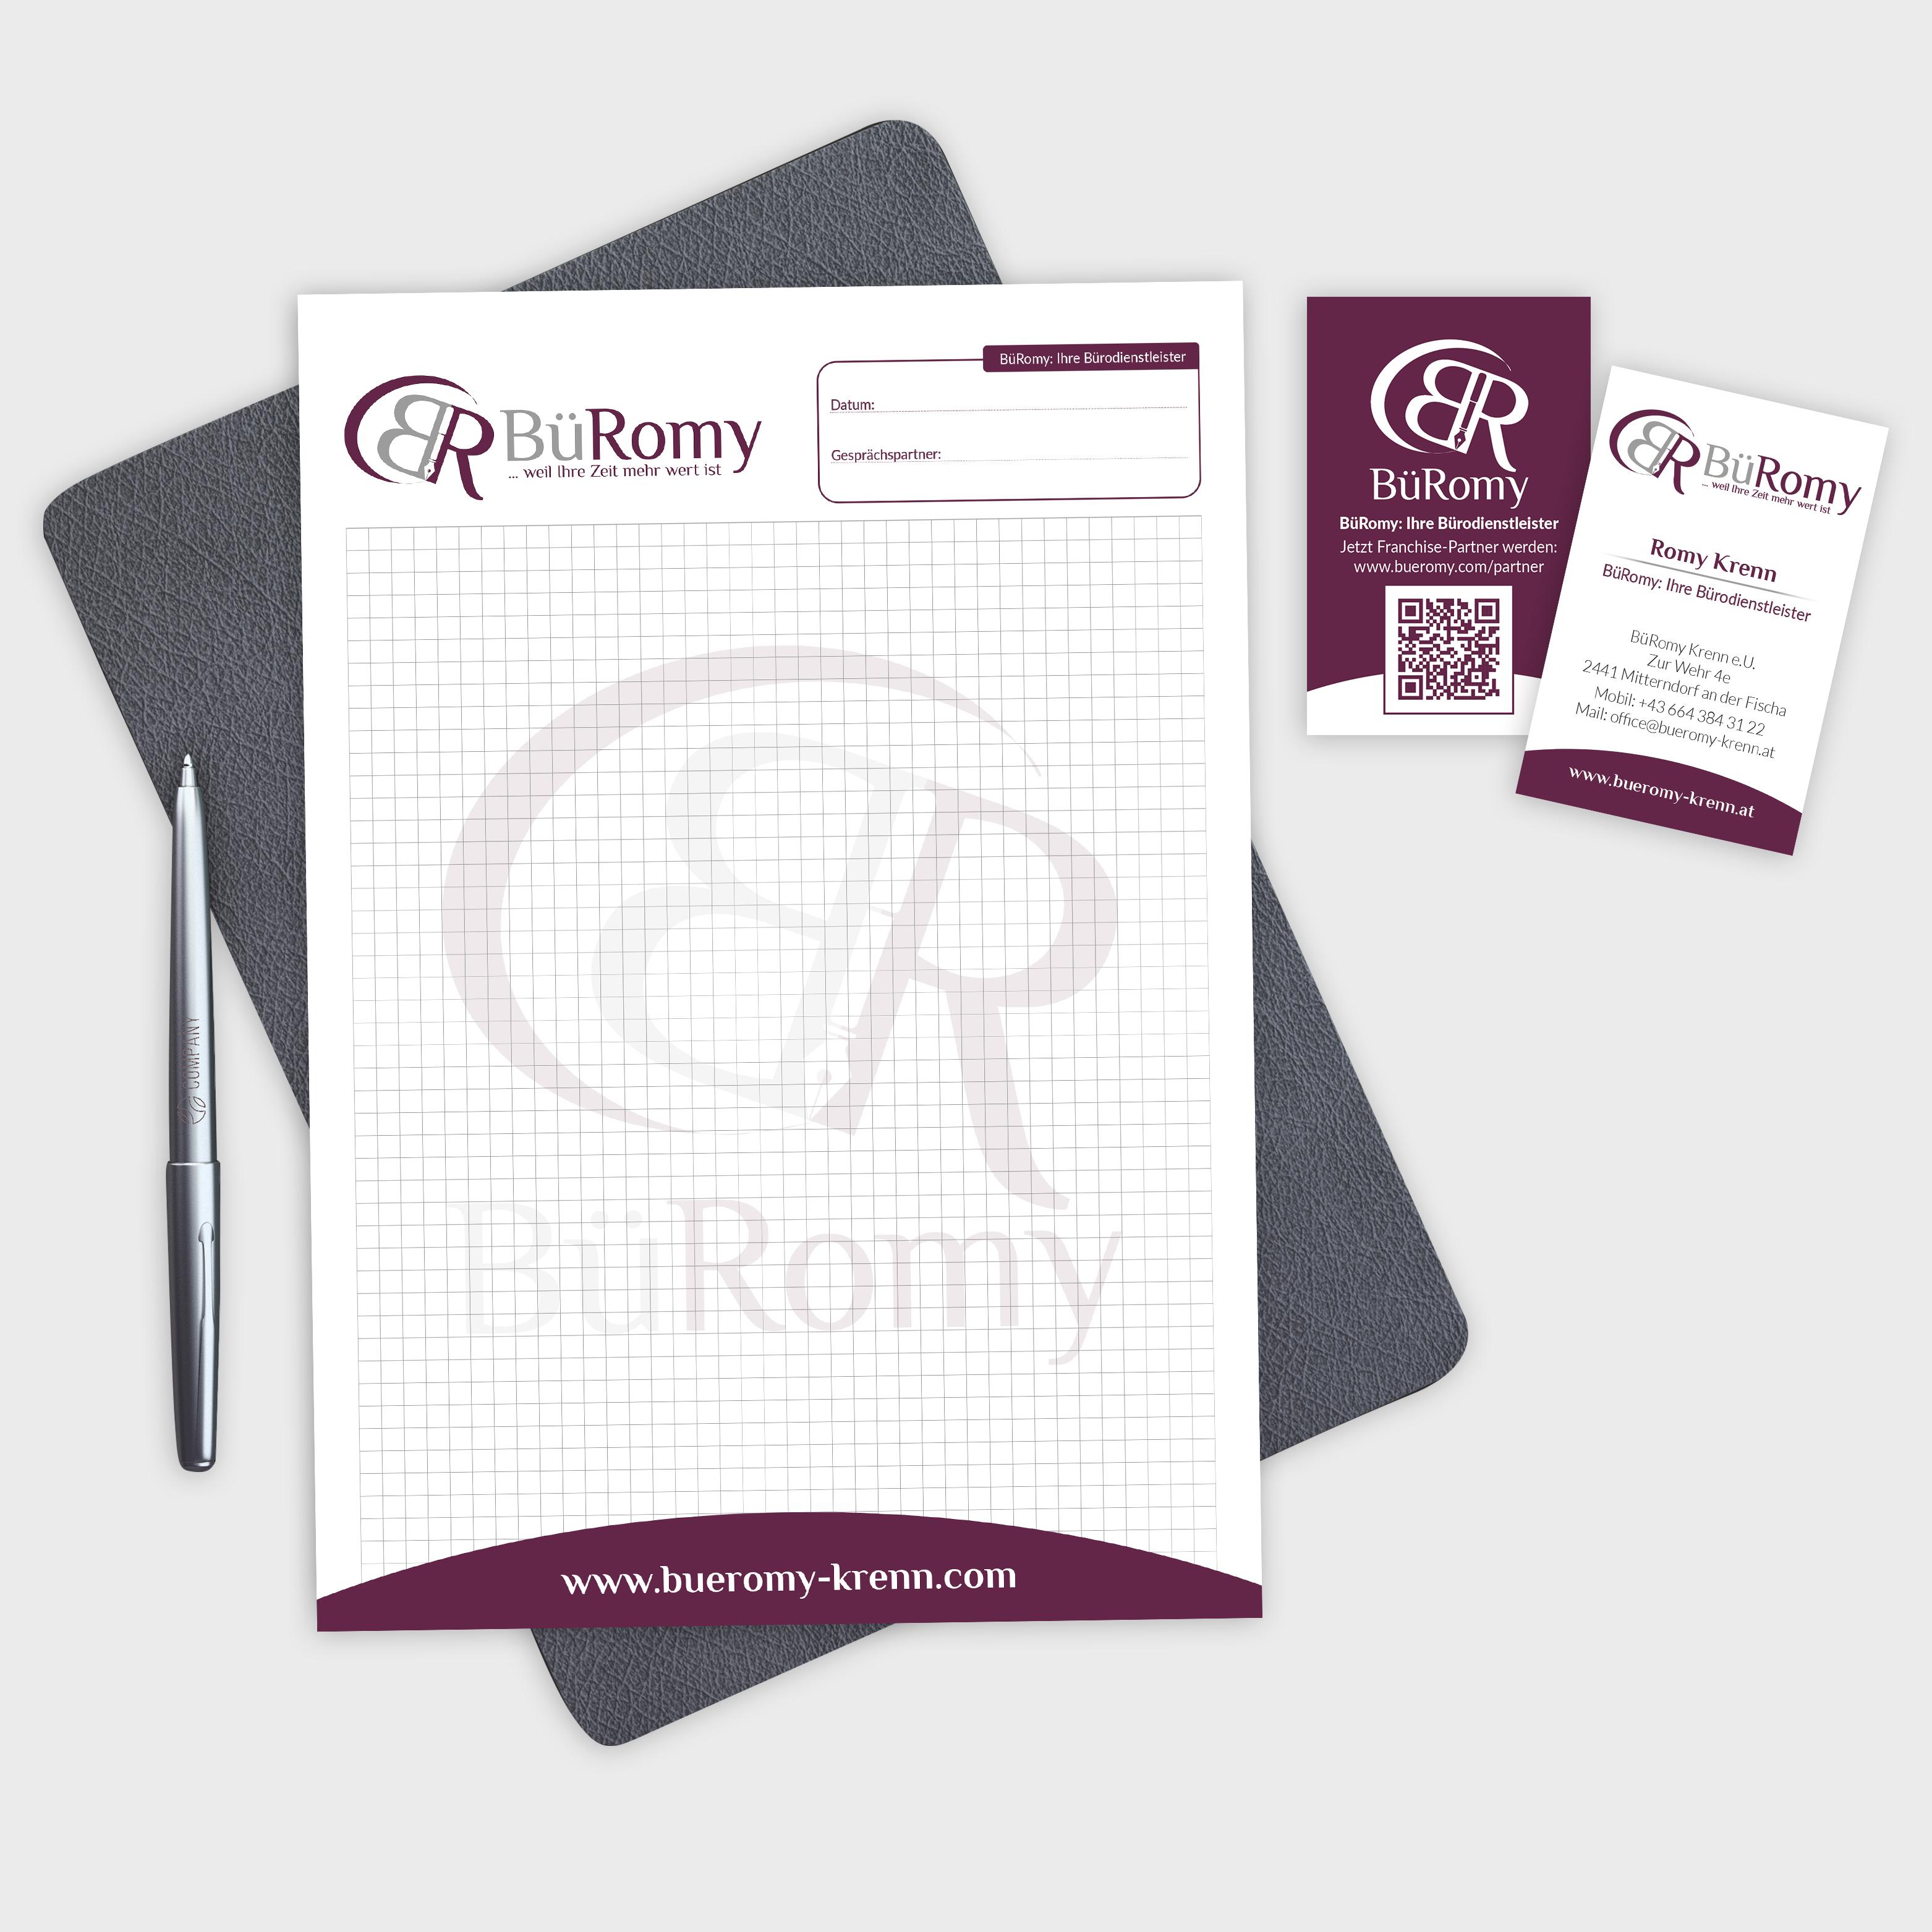 Geschäftsdrucksorten – BüRomy GmbH, Mitterndorf